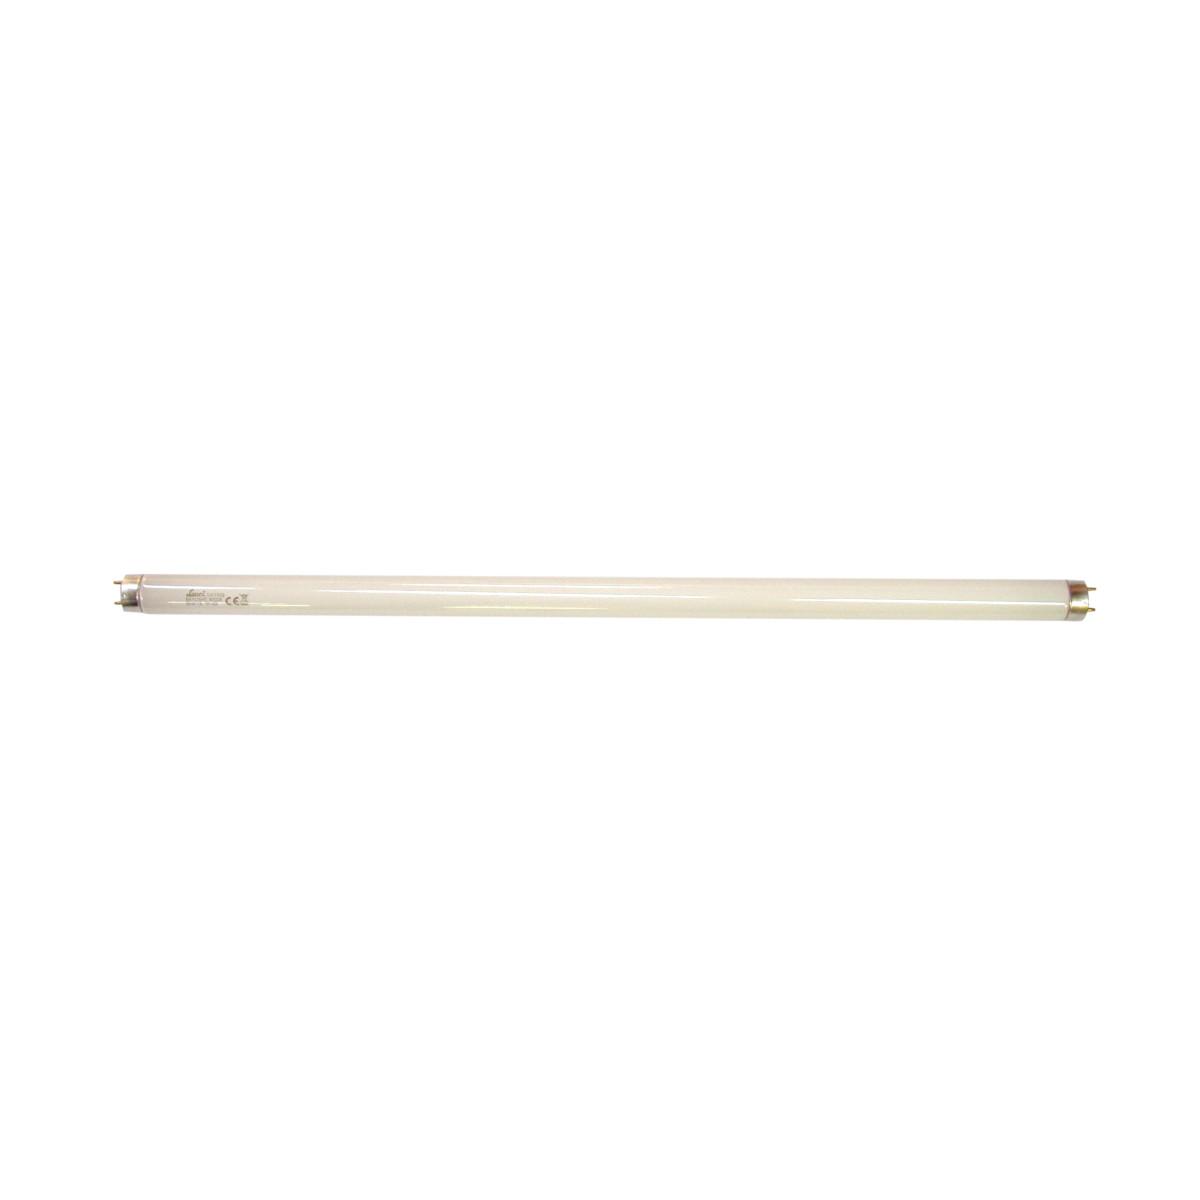 Tubo fluorescente t8 18w luce calda prezzi e offerte online for Tubos led t8 leroy merlin